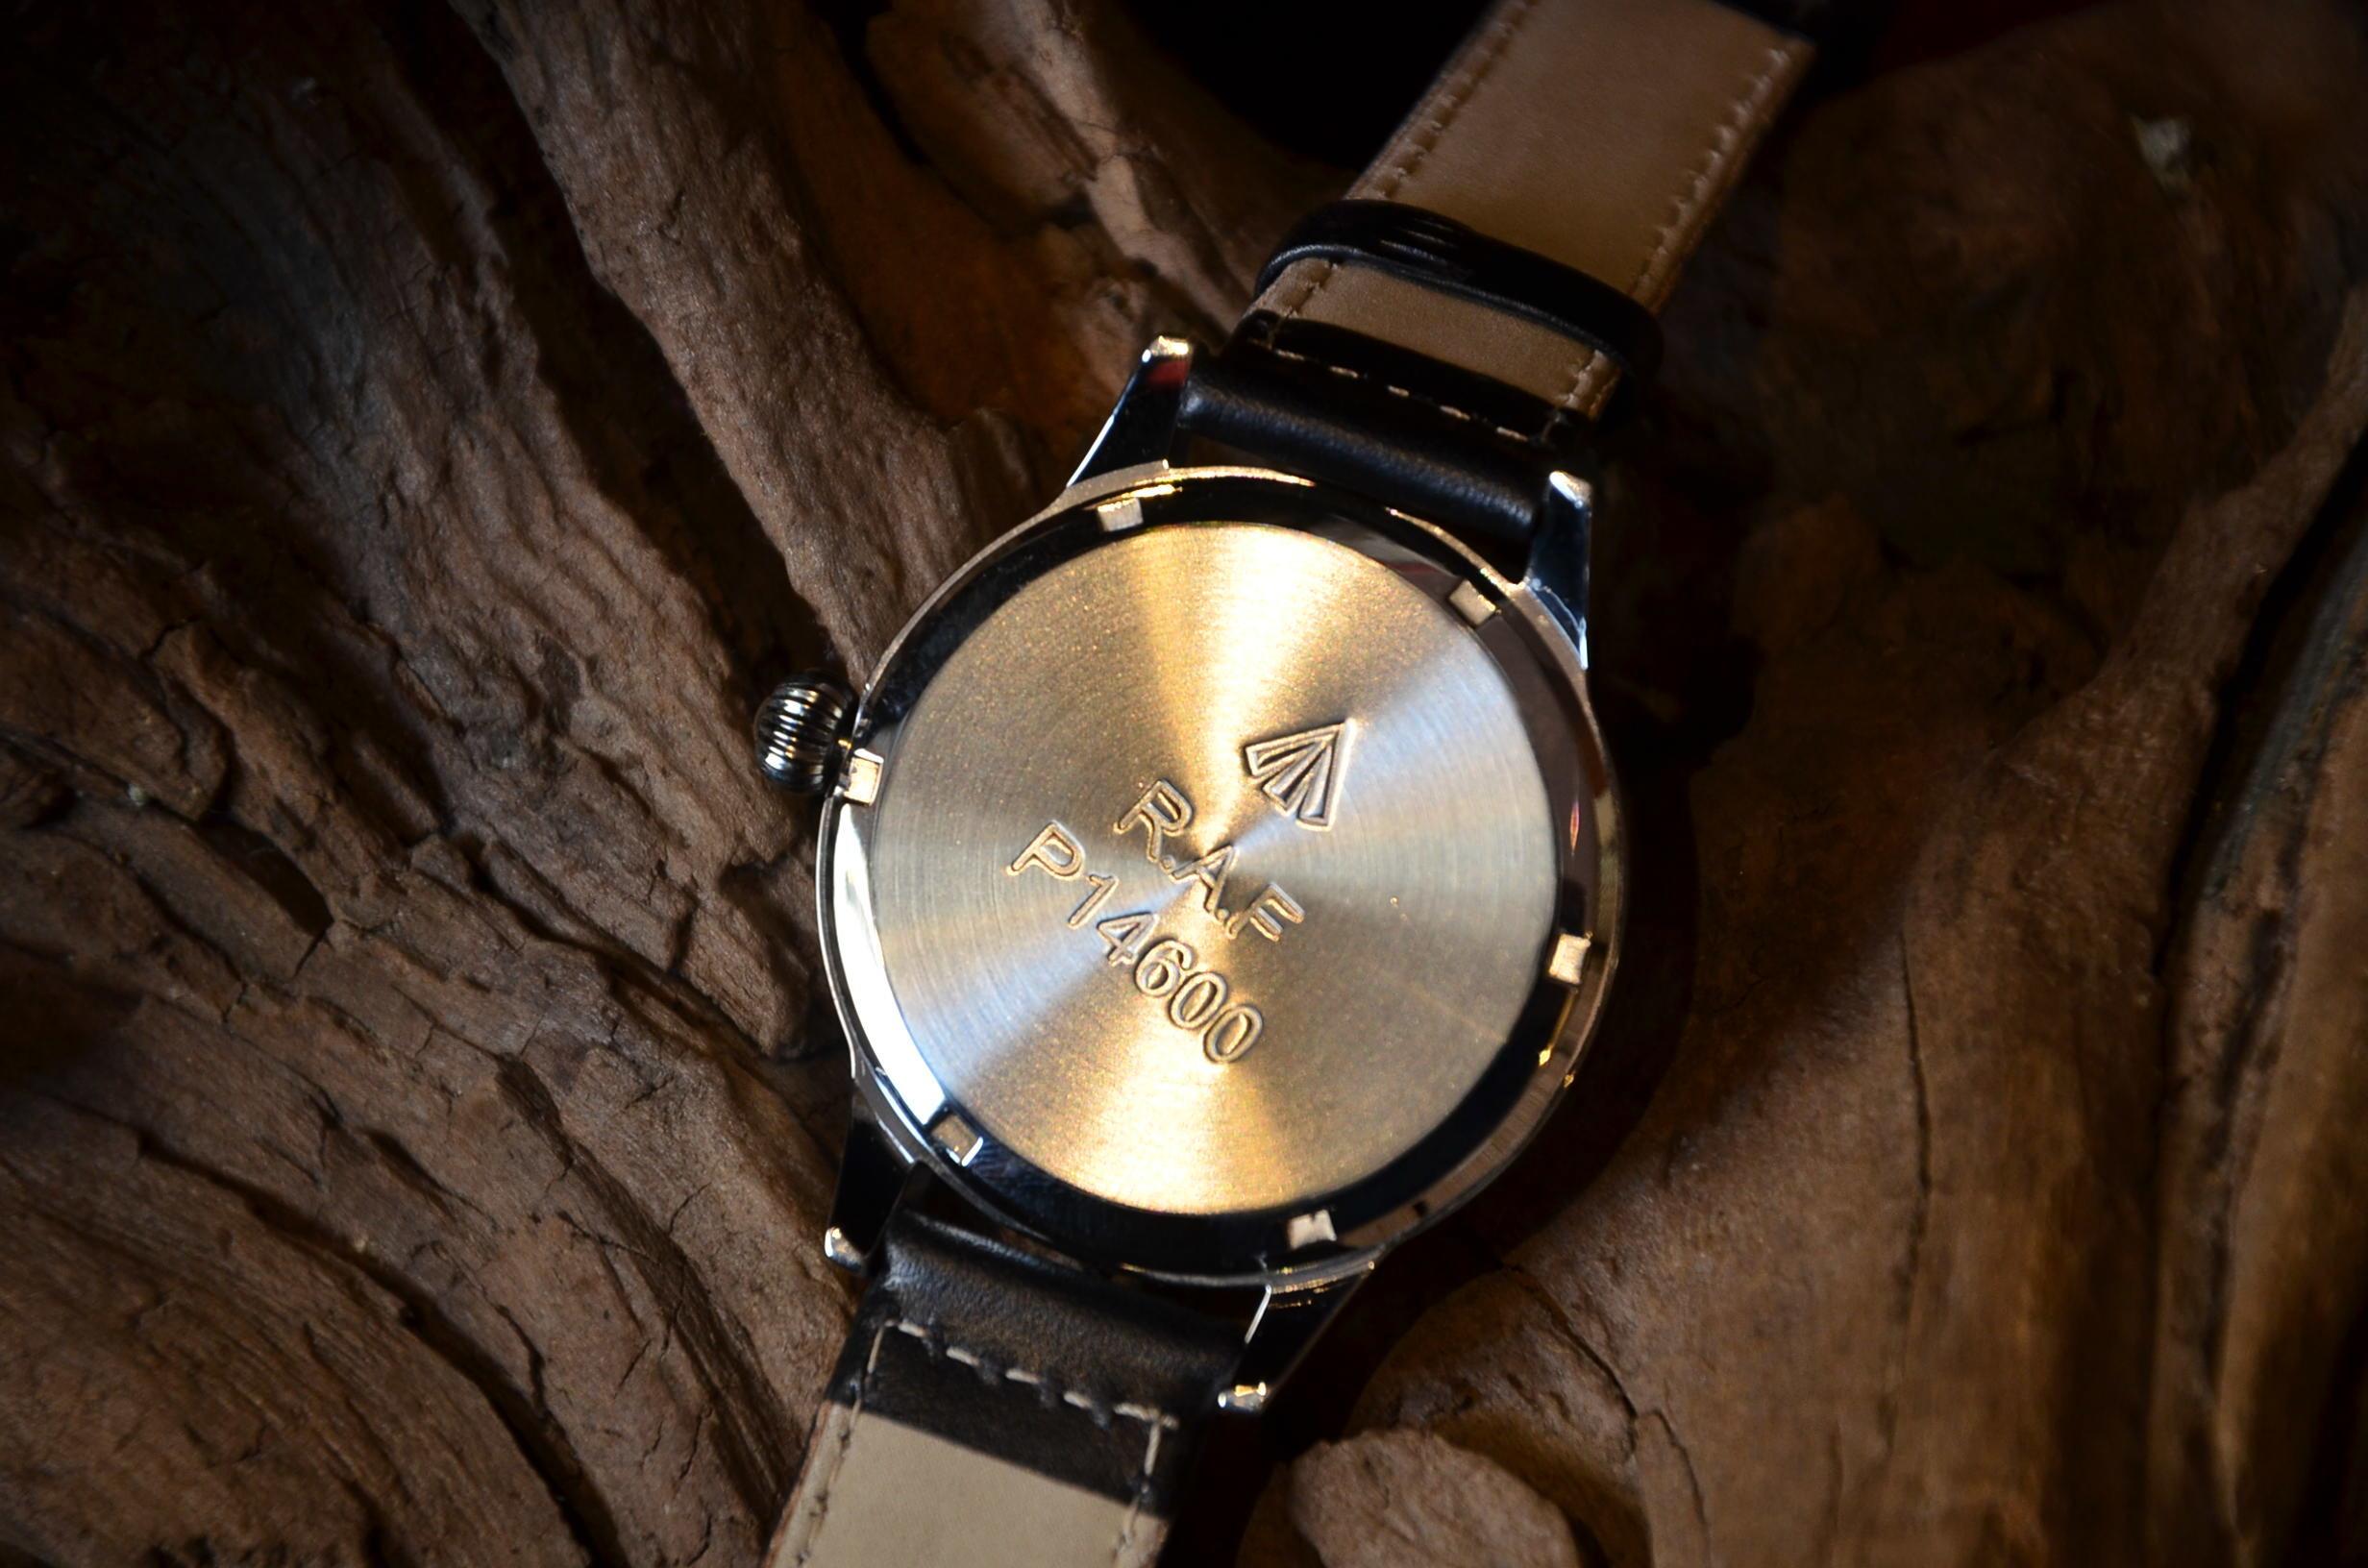 クリスマスギフトにも最適な腕時計_c0167336_15491296.jpg